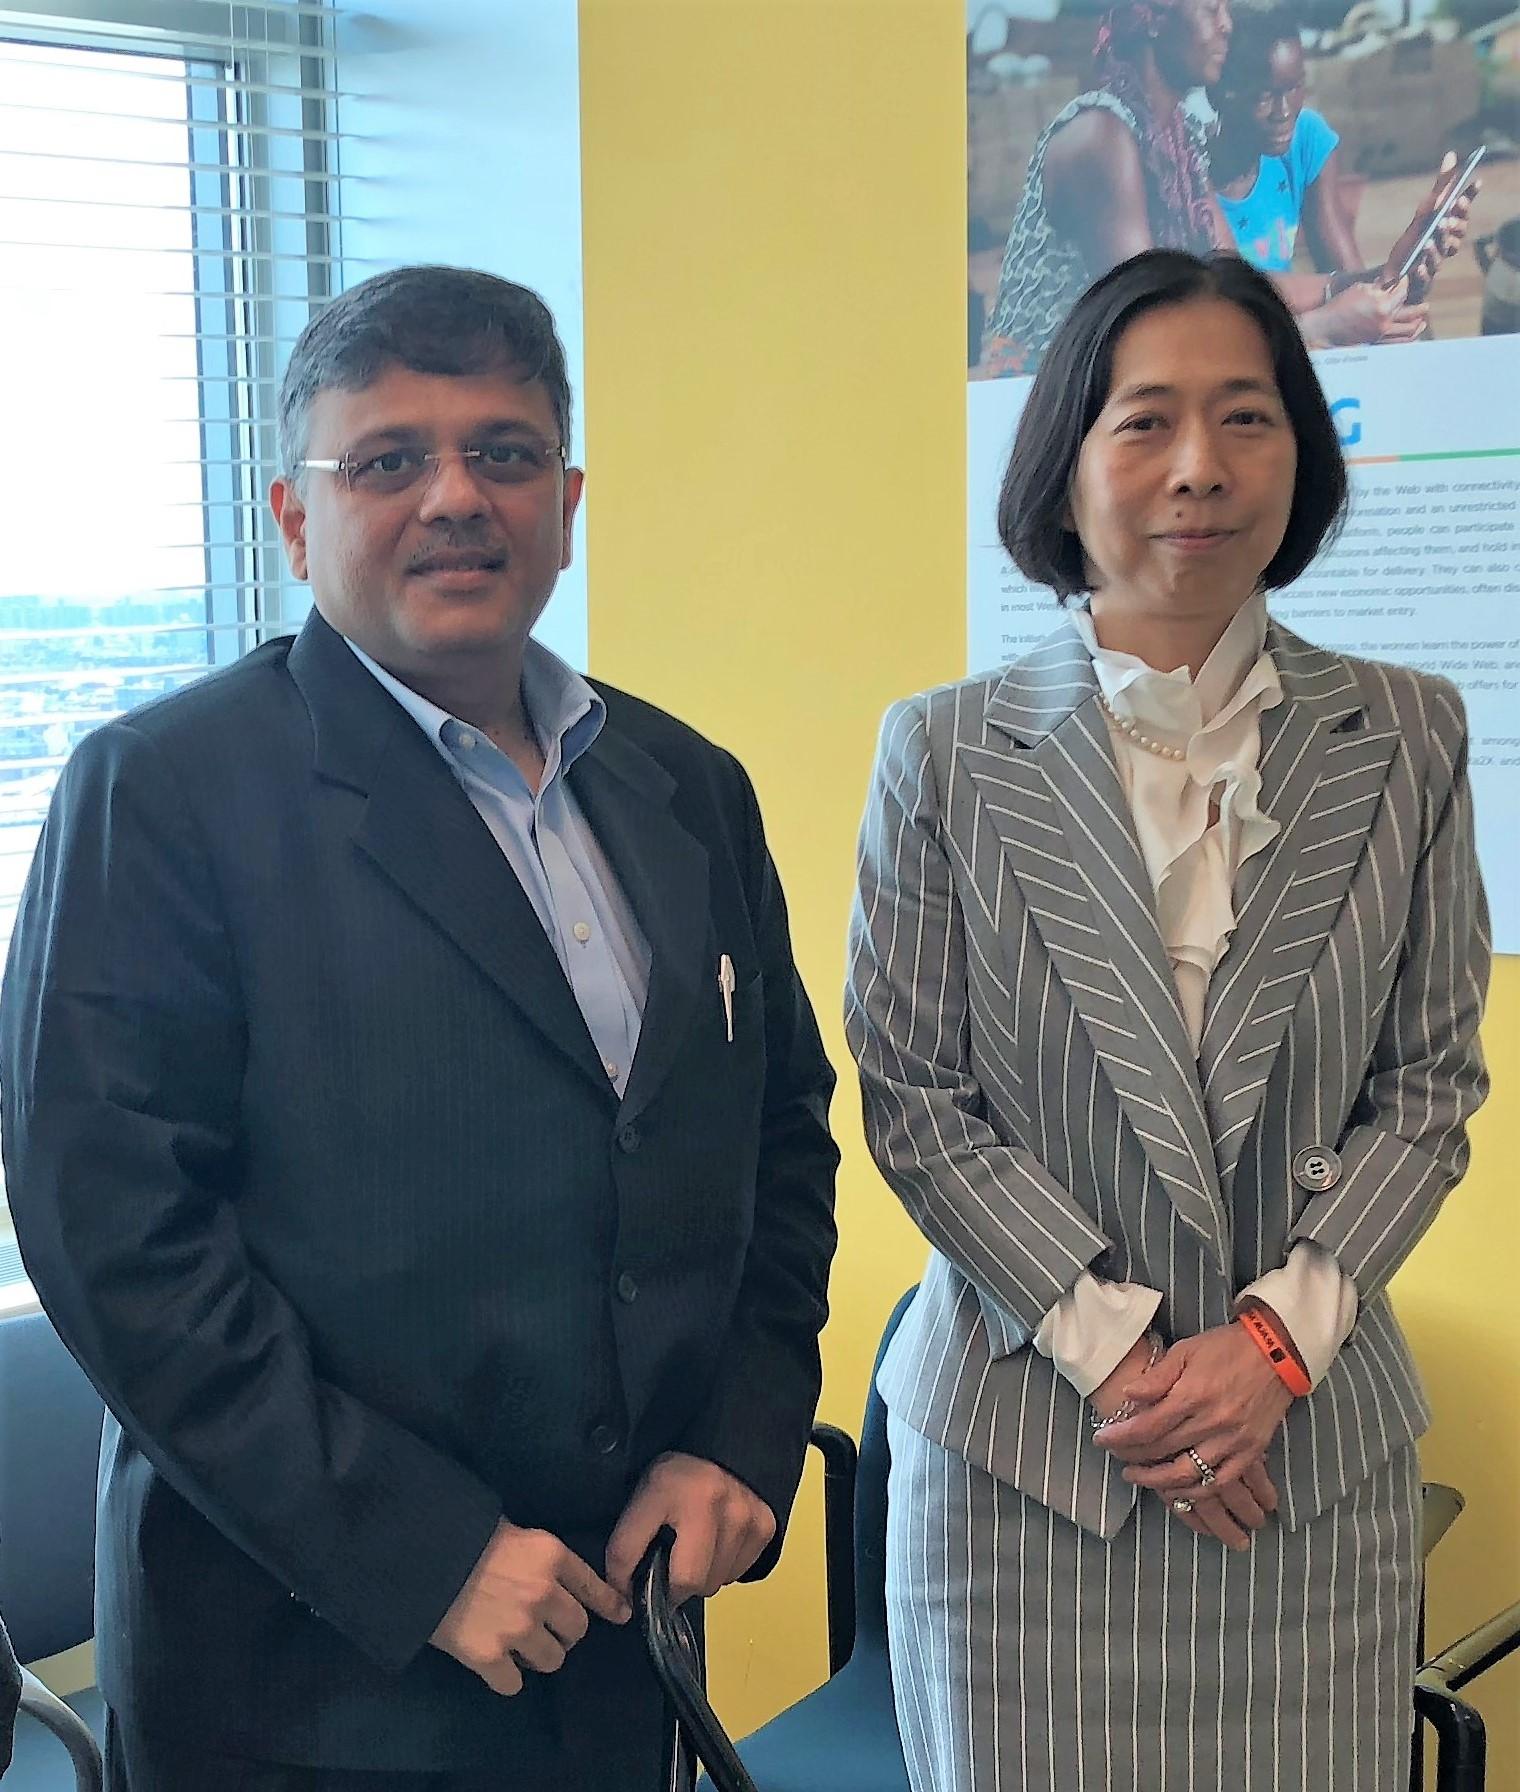 Pranav Desai with Dr Akiko, Chief, UN for CRPD